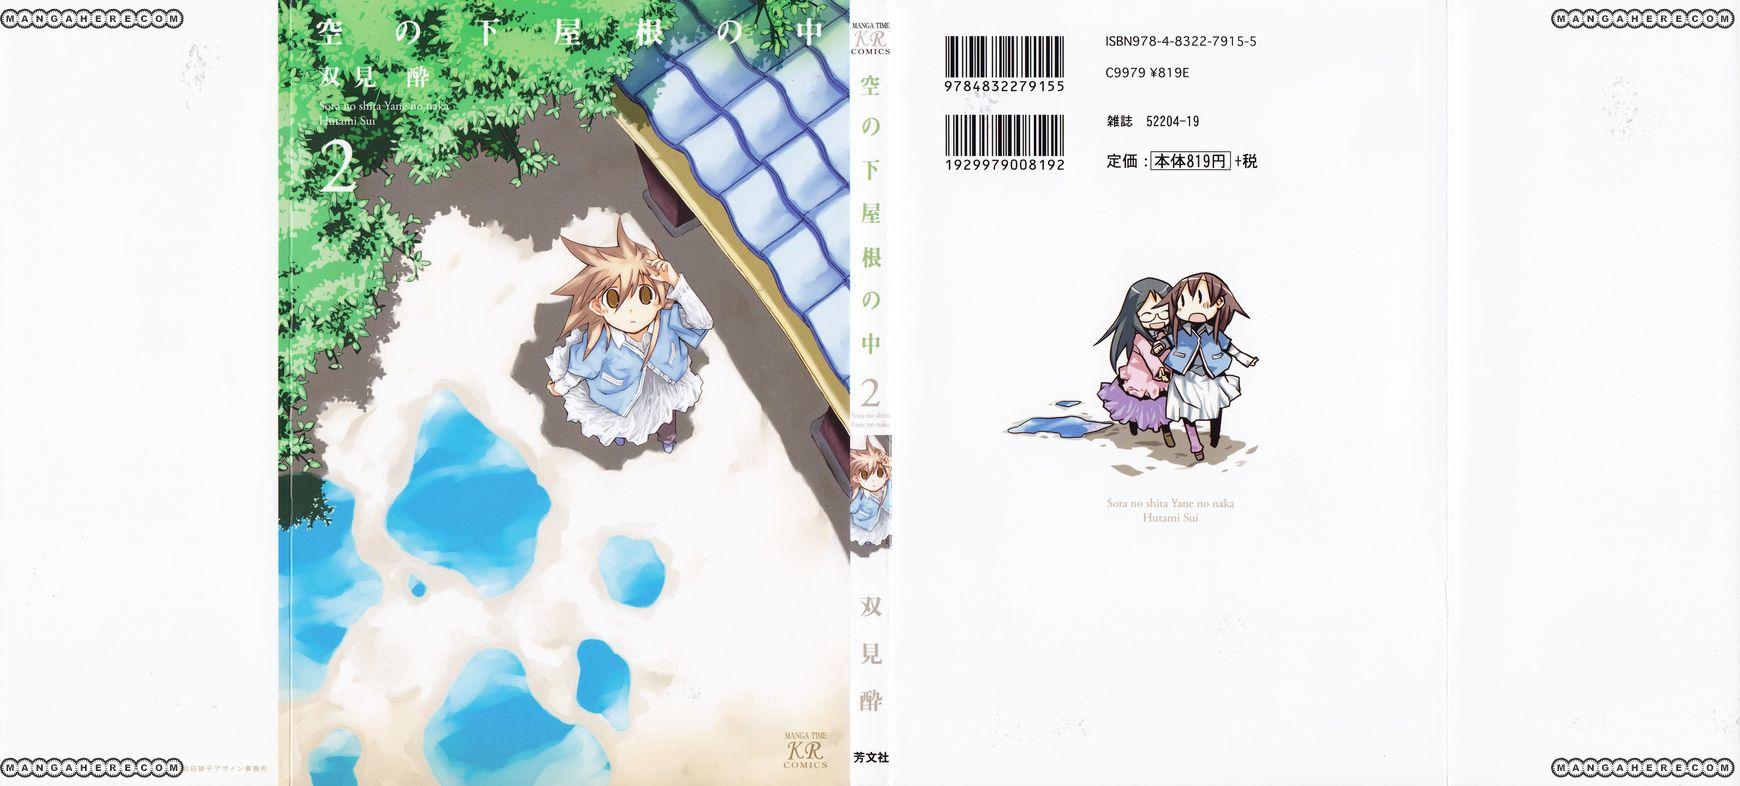 Sora no Shita Yane no Naka 14 Page 1